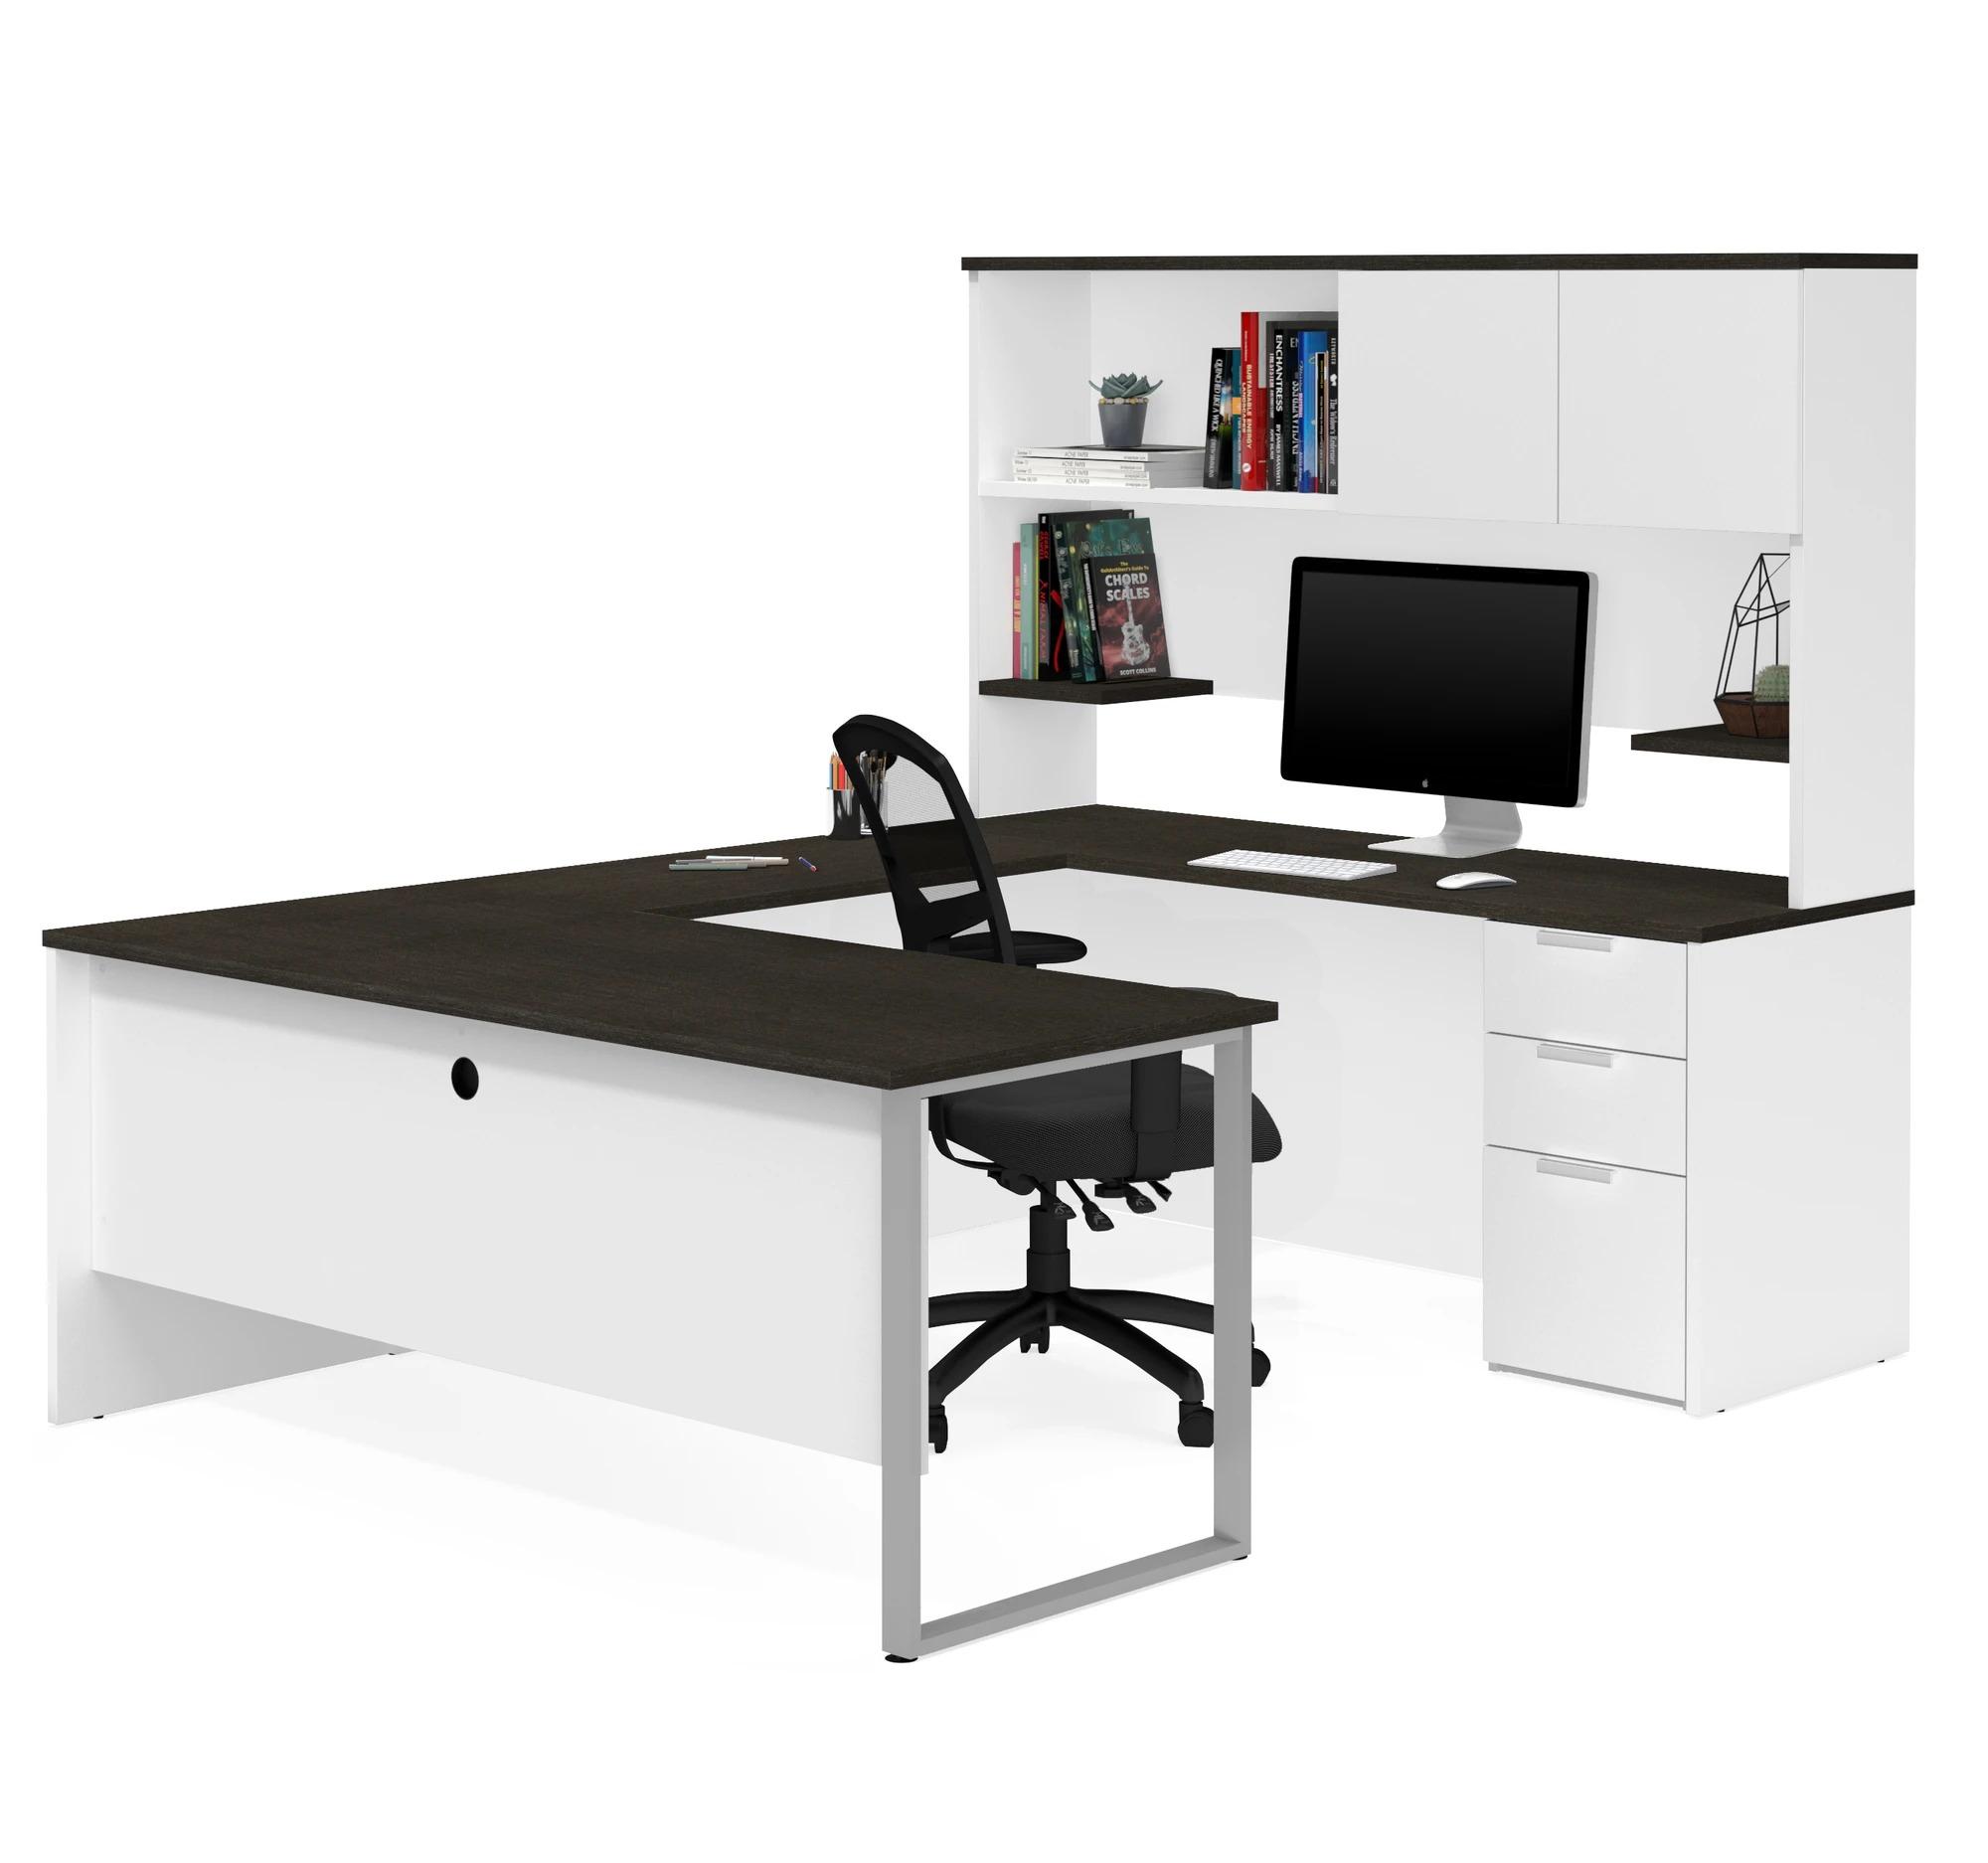 mẫu sản phẩm nội thất văn phòng